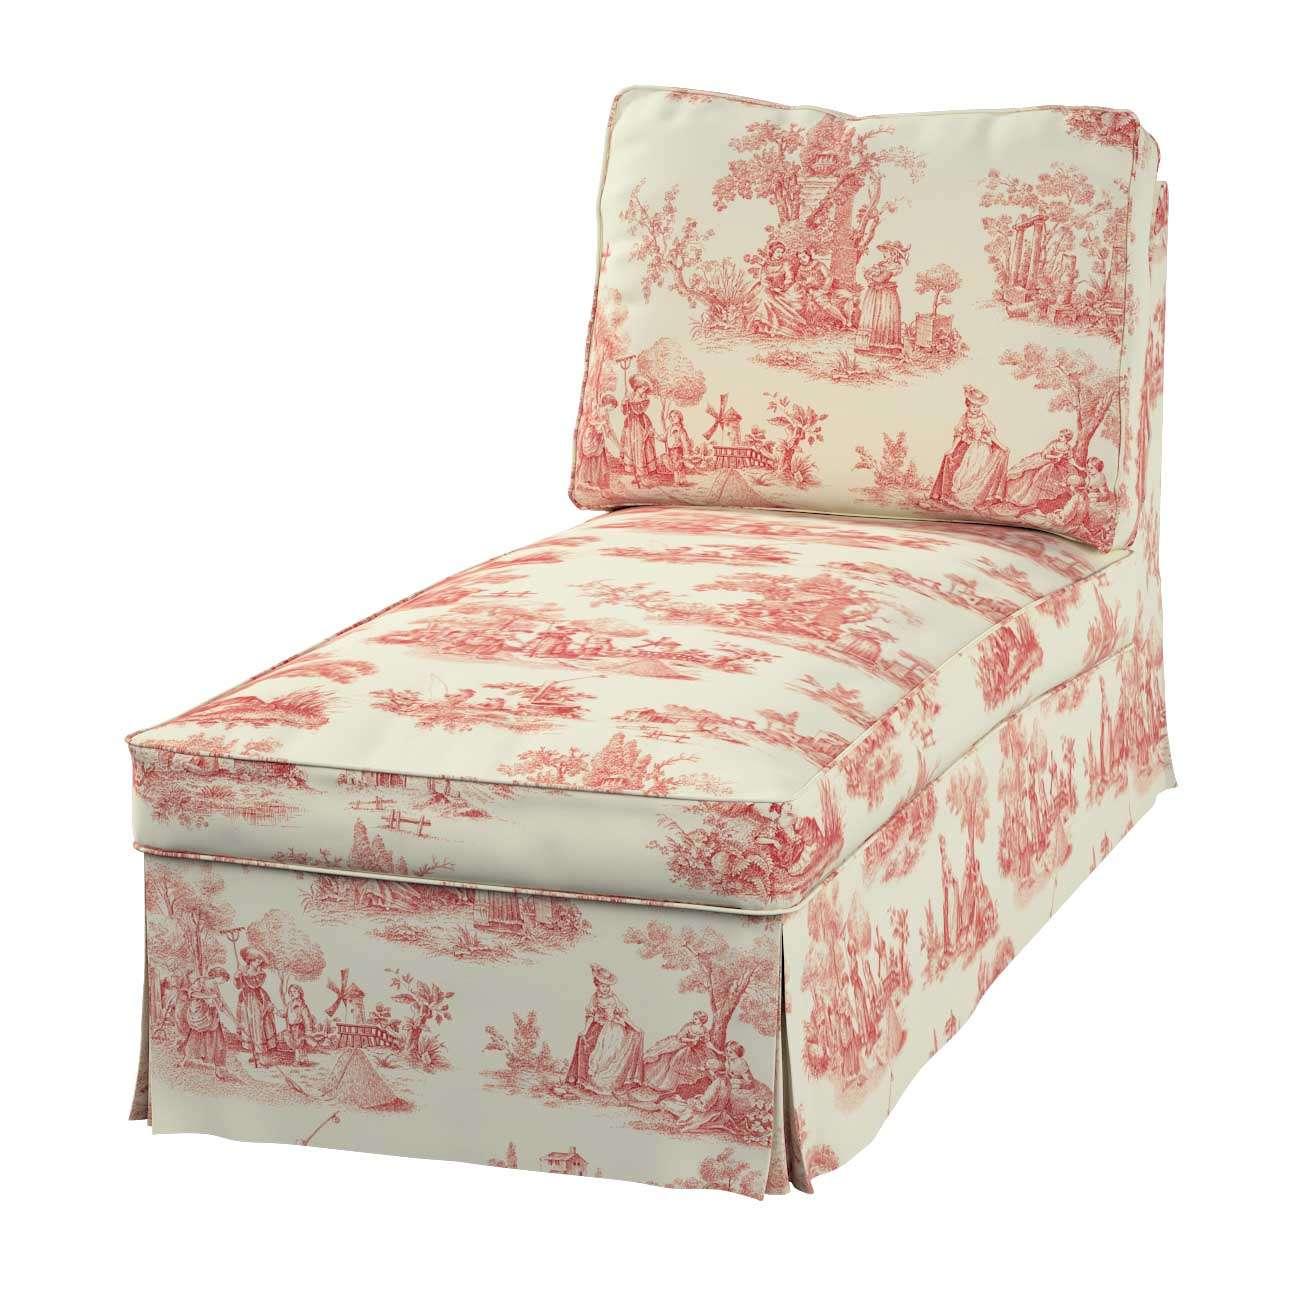 Ektorp gulimojo krėslo užvalkalas (be porankių, tiesus atlošas) Ektorp gulimasis krėslas be porankių, tiesiu atlošu, be suapavalinimų kolekcijoje Avinon, audinys: 132-15